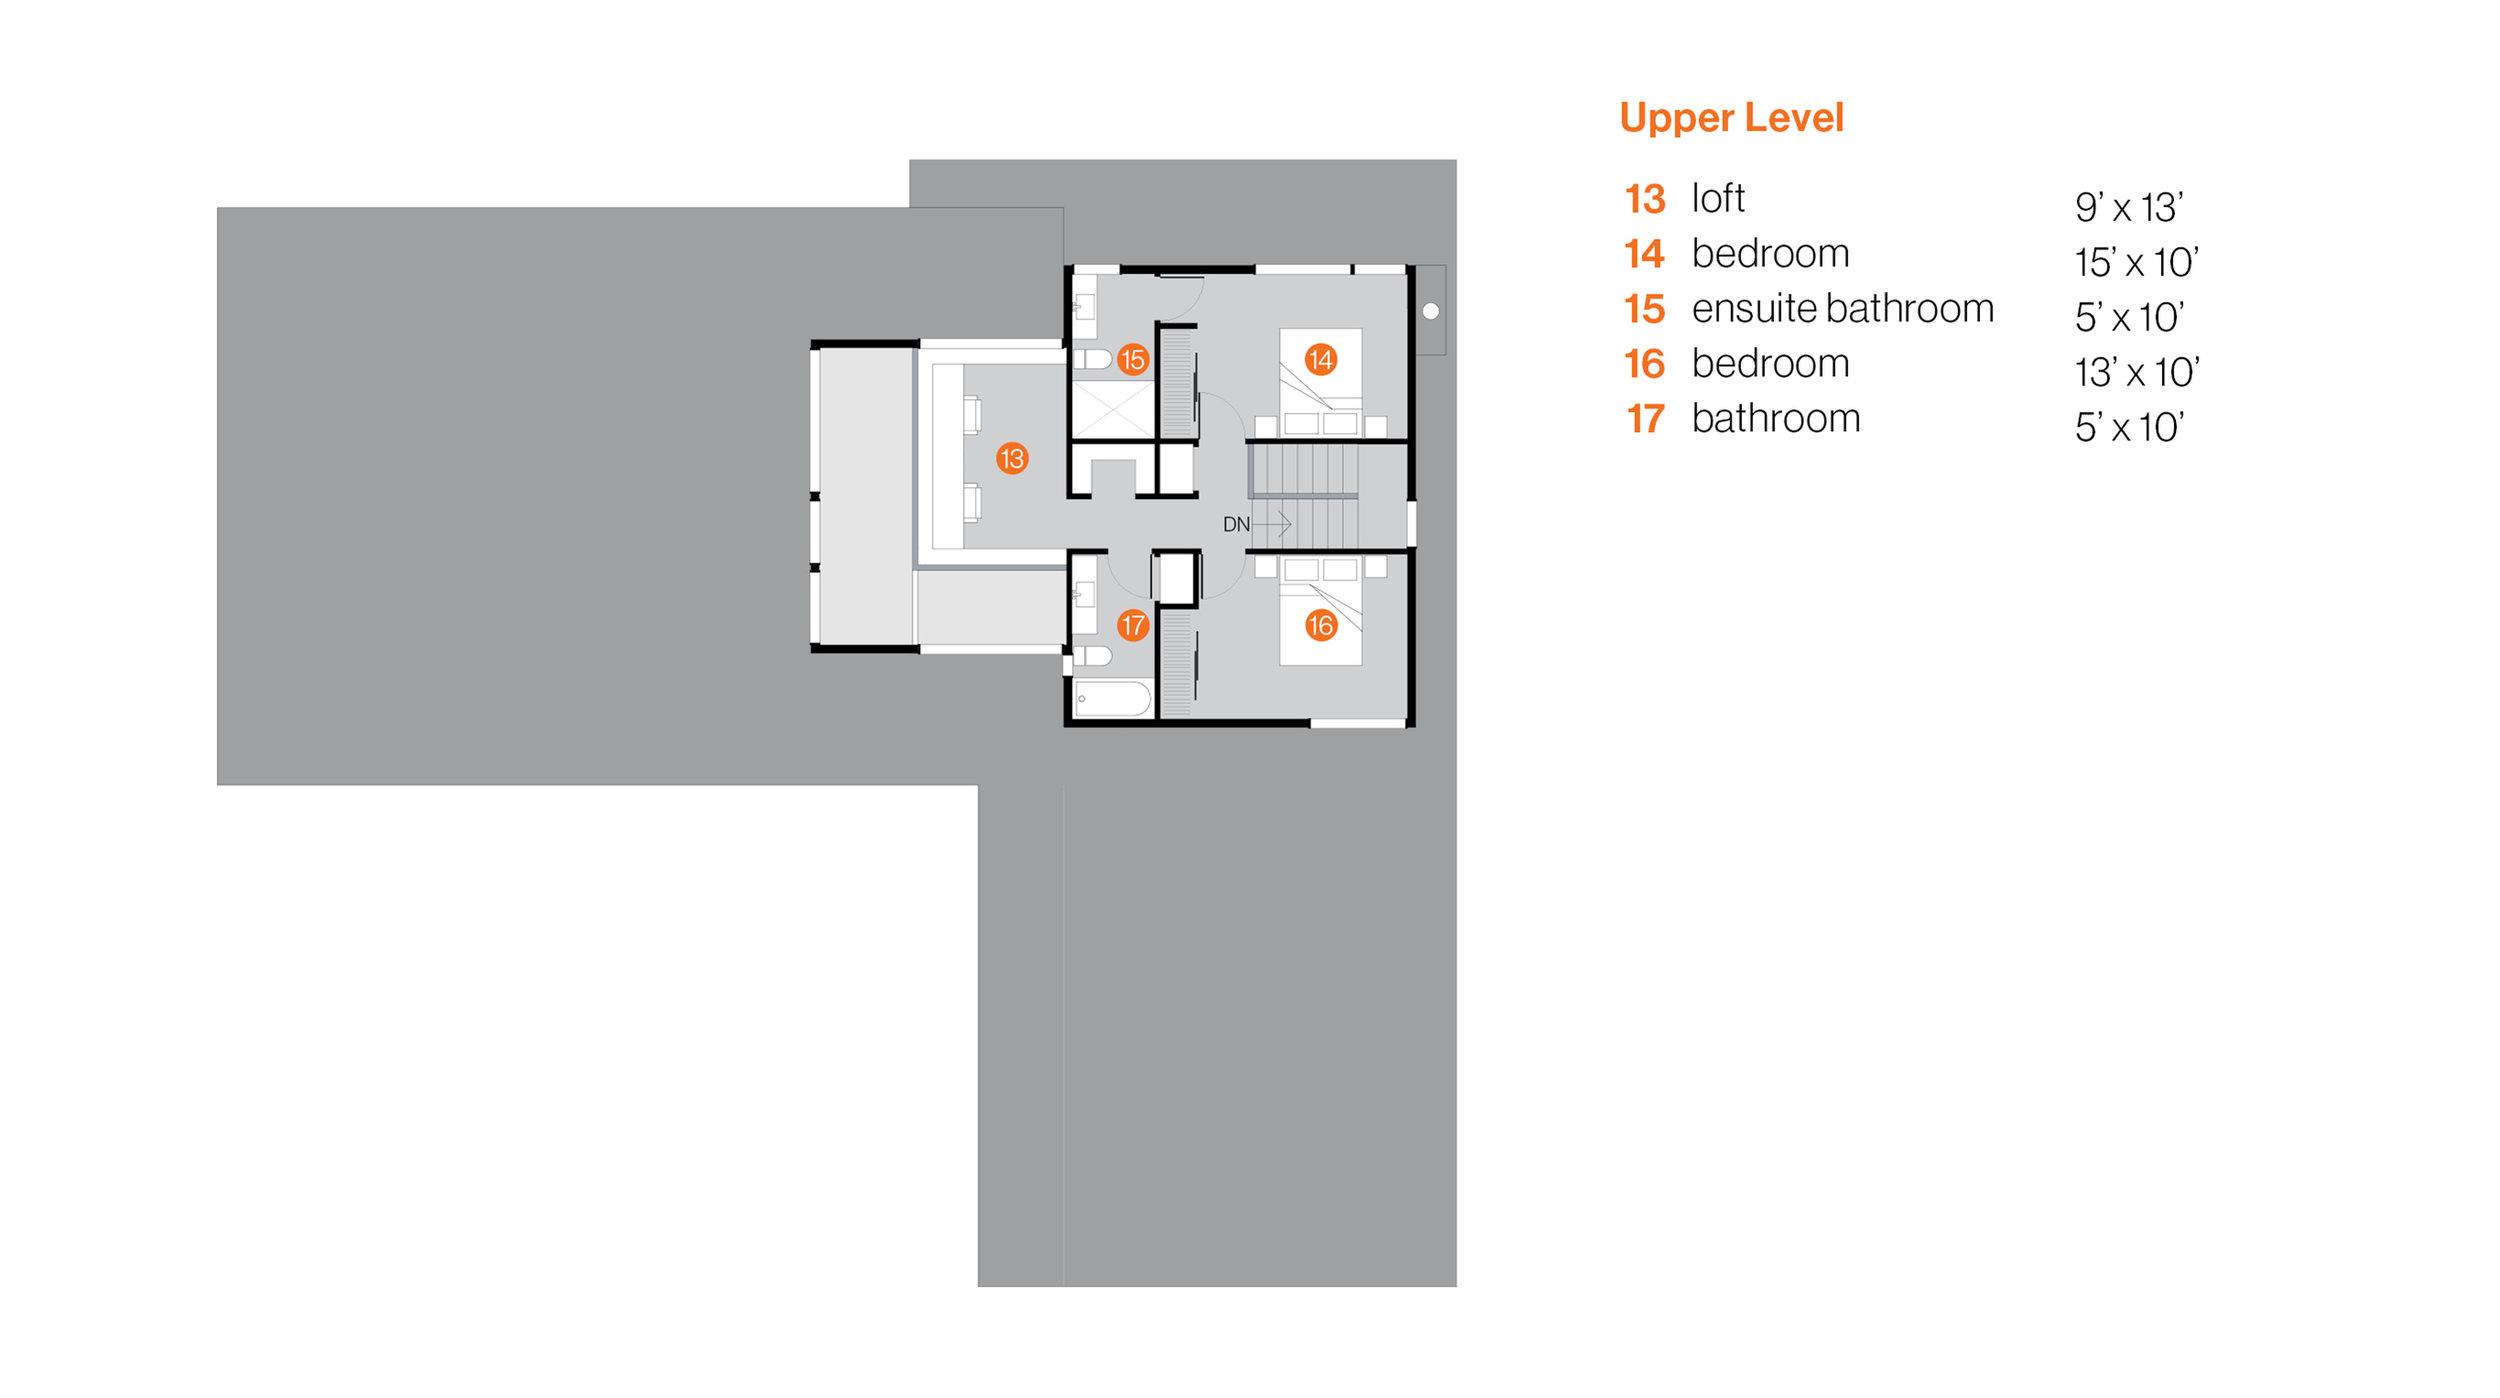 turkel_design_modern_prefab_home_axiom_series_axiom2450_plan_upper..jpg